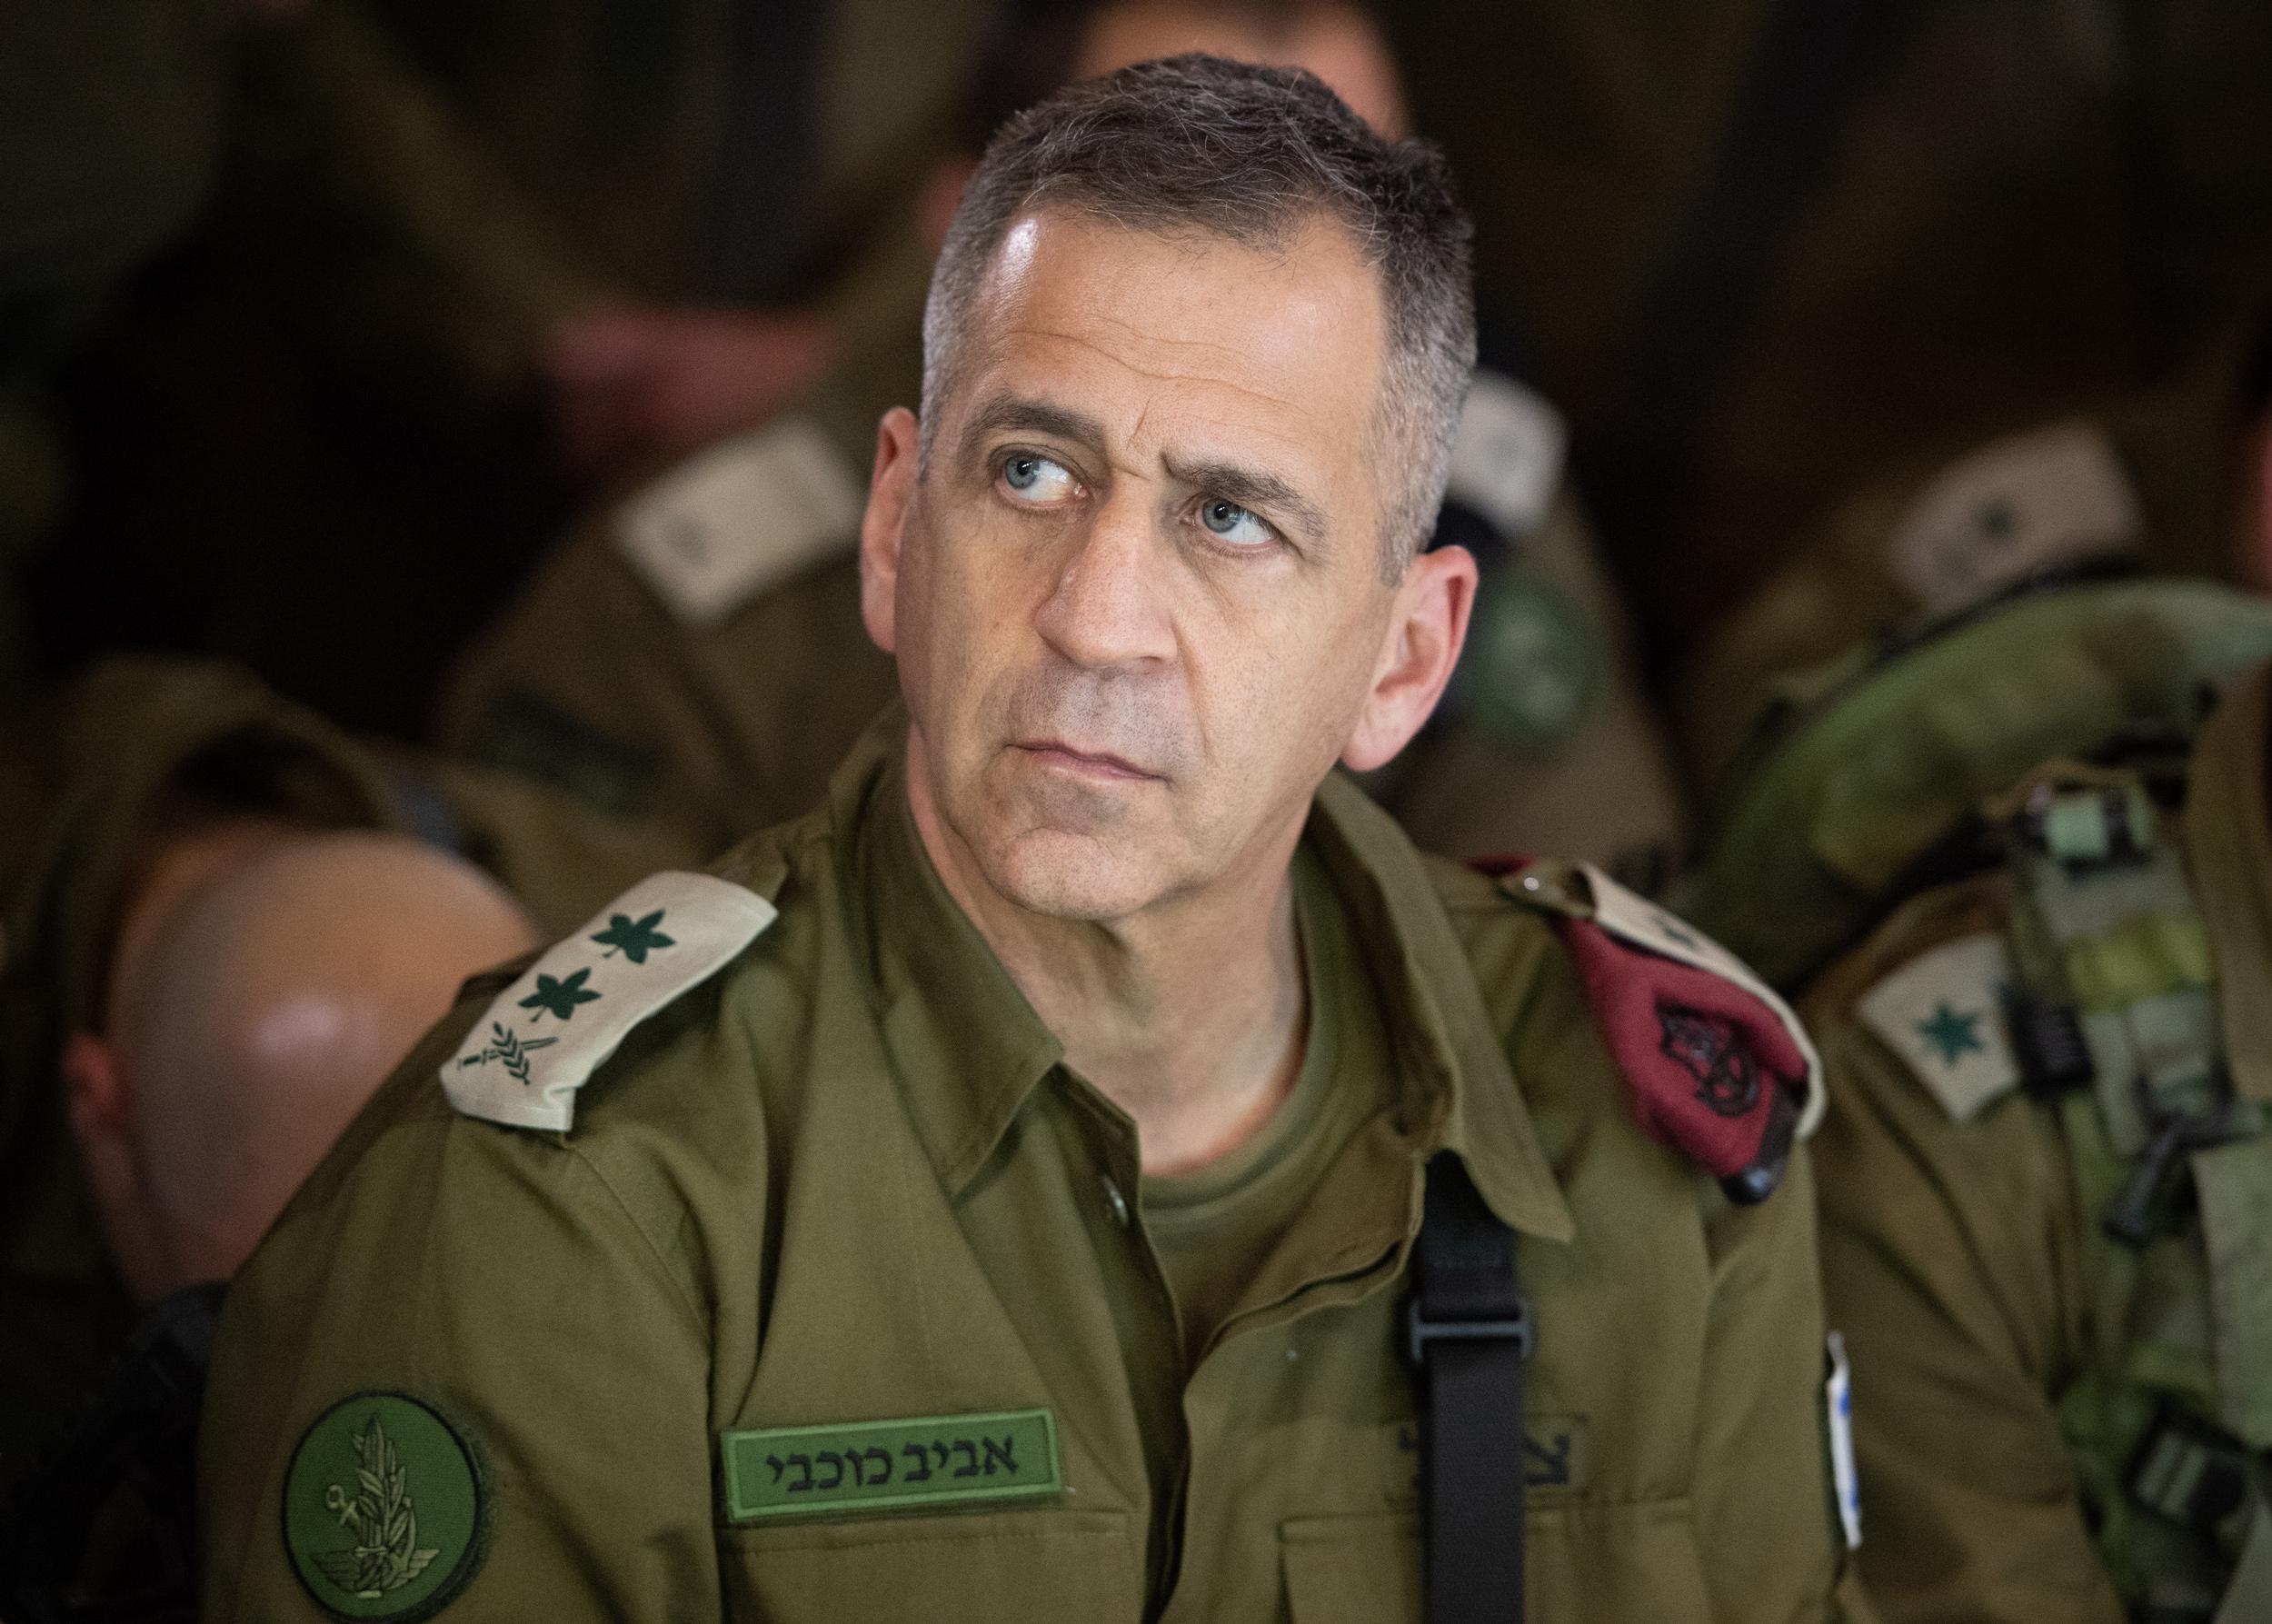 Az izraeli hadsereg és Joe Biden kormánya